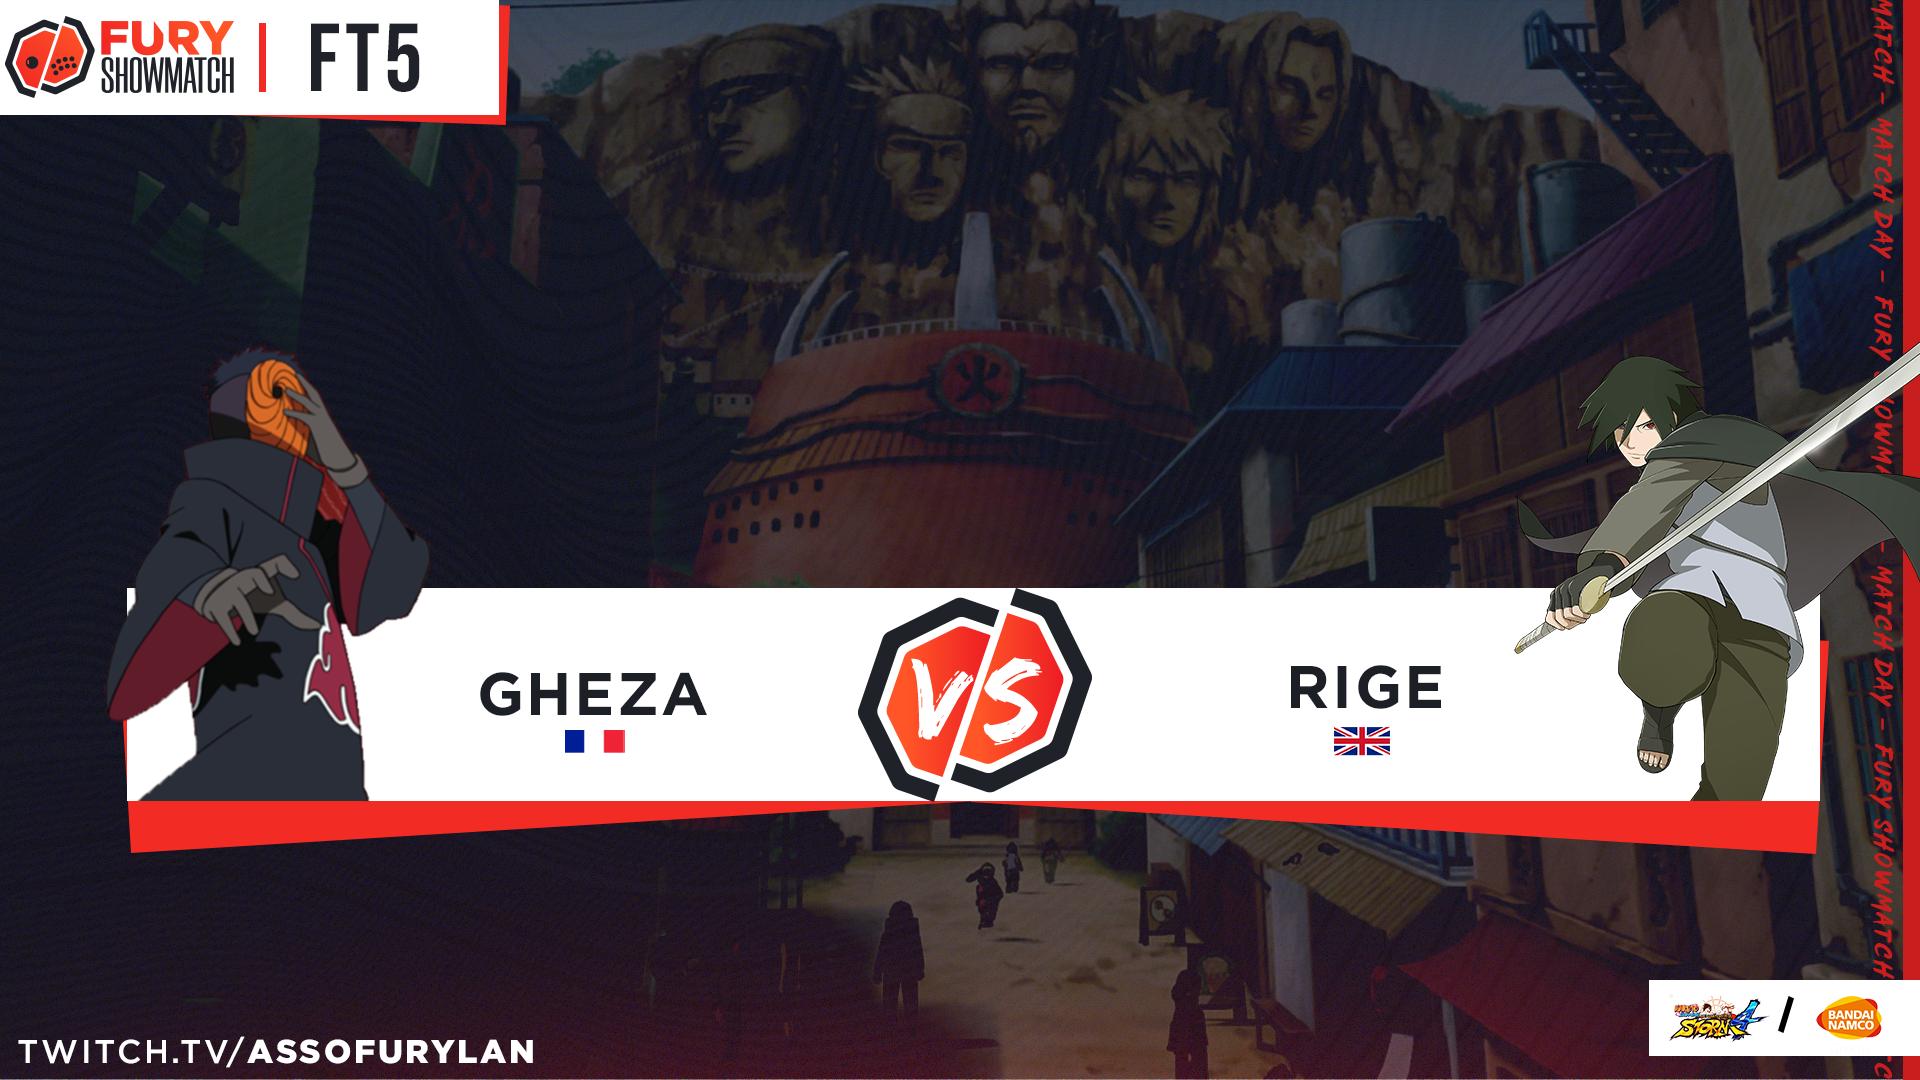 GHEZA vs RIGE